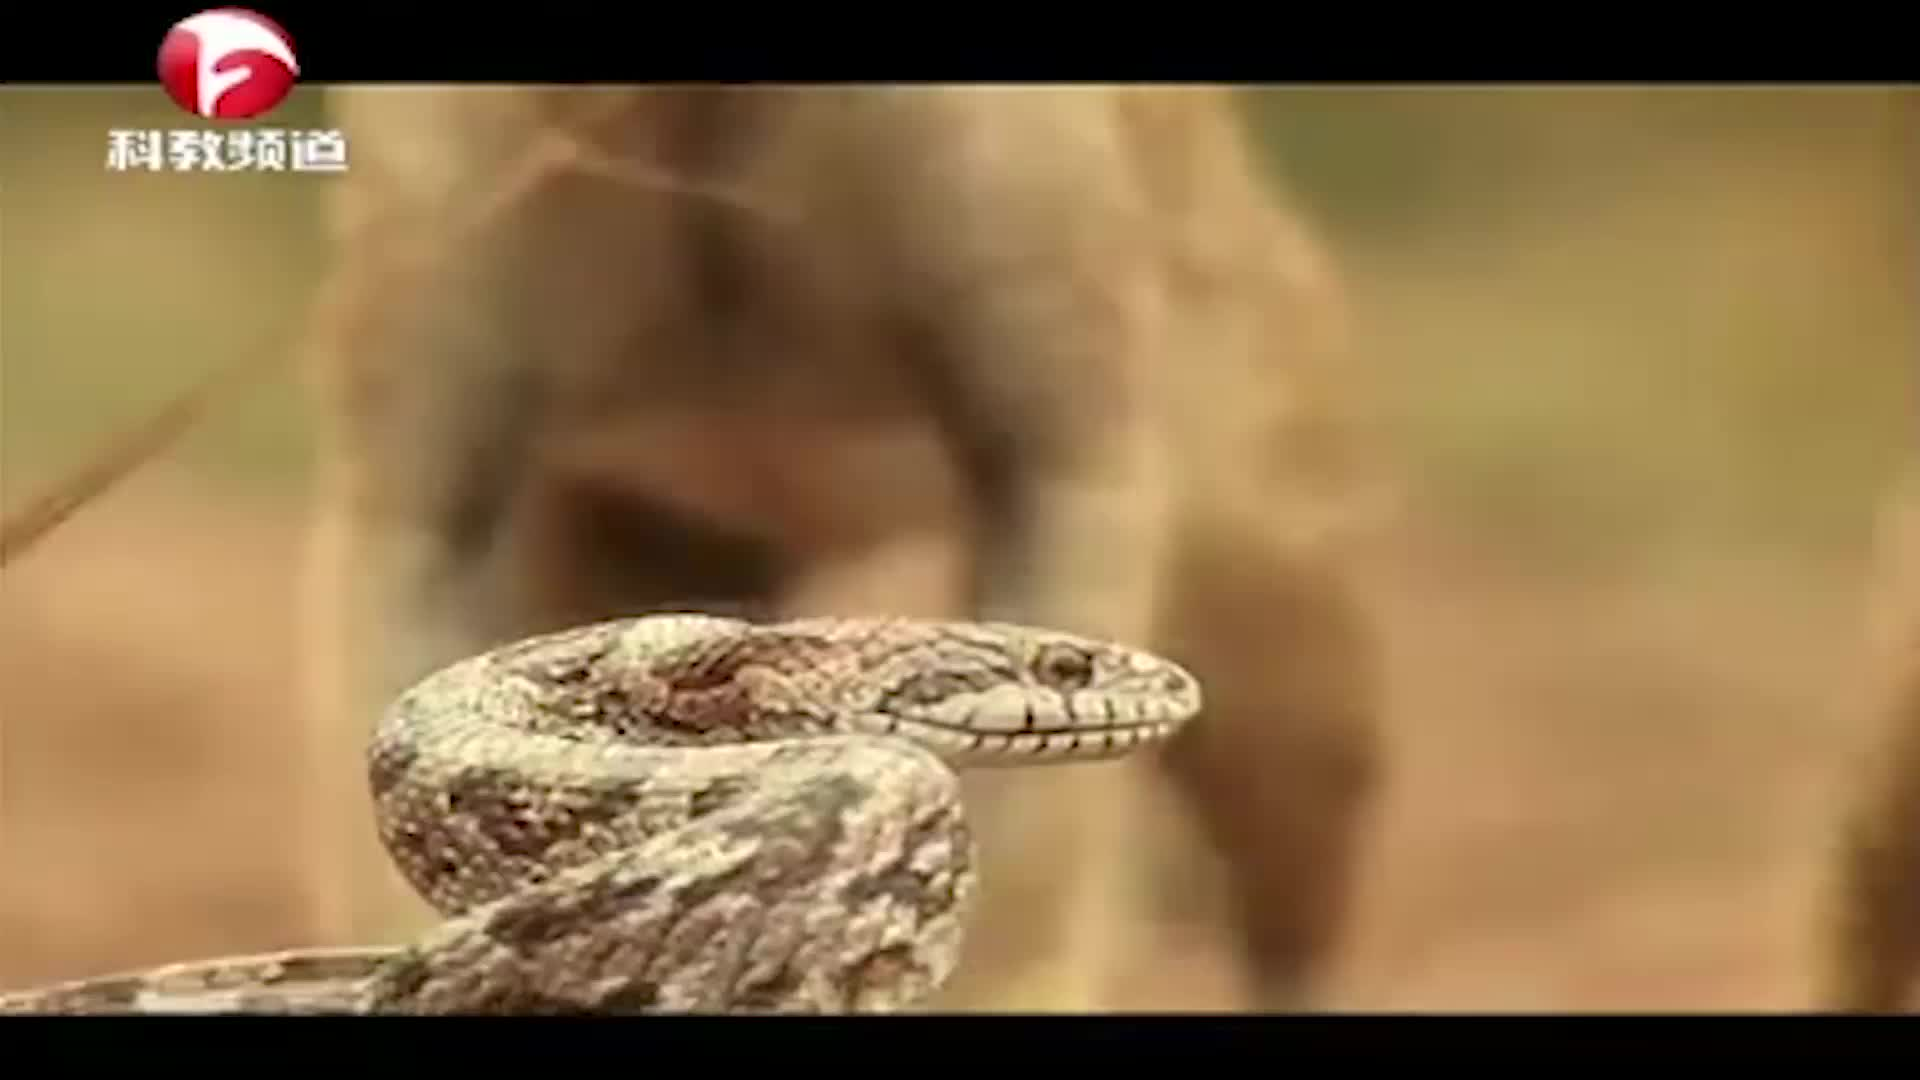 父爱如山!为了让孩子填饱肚子,猫鼬父亲大战毒蛇,不幸被咬死